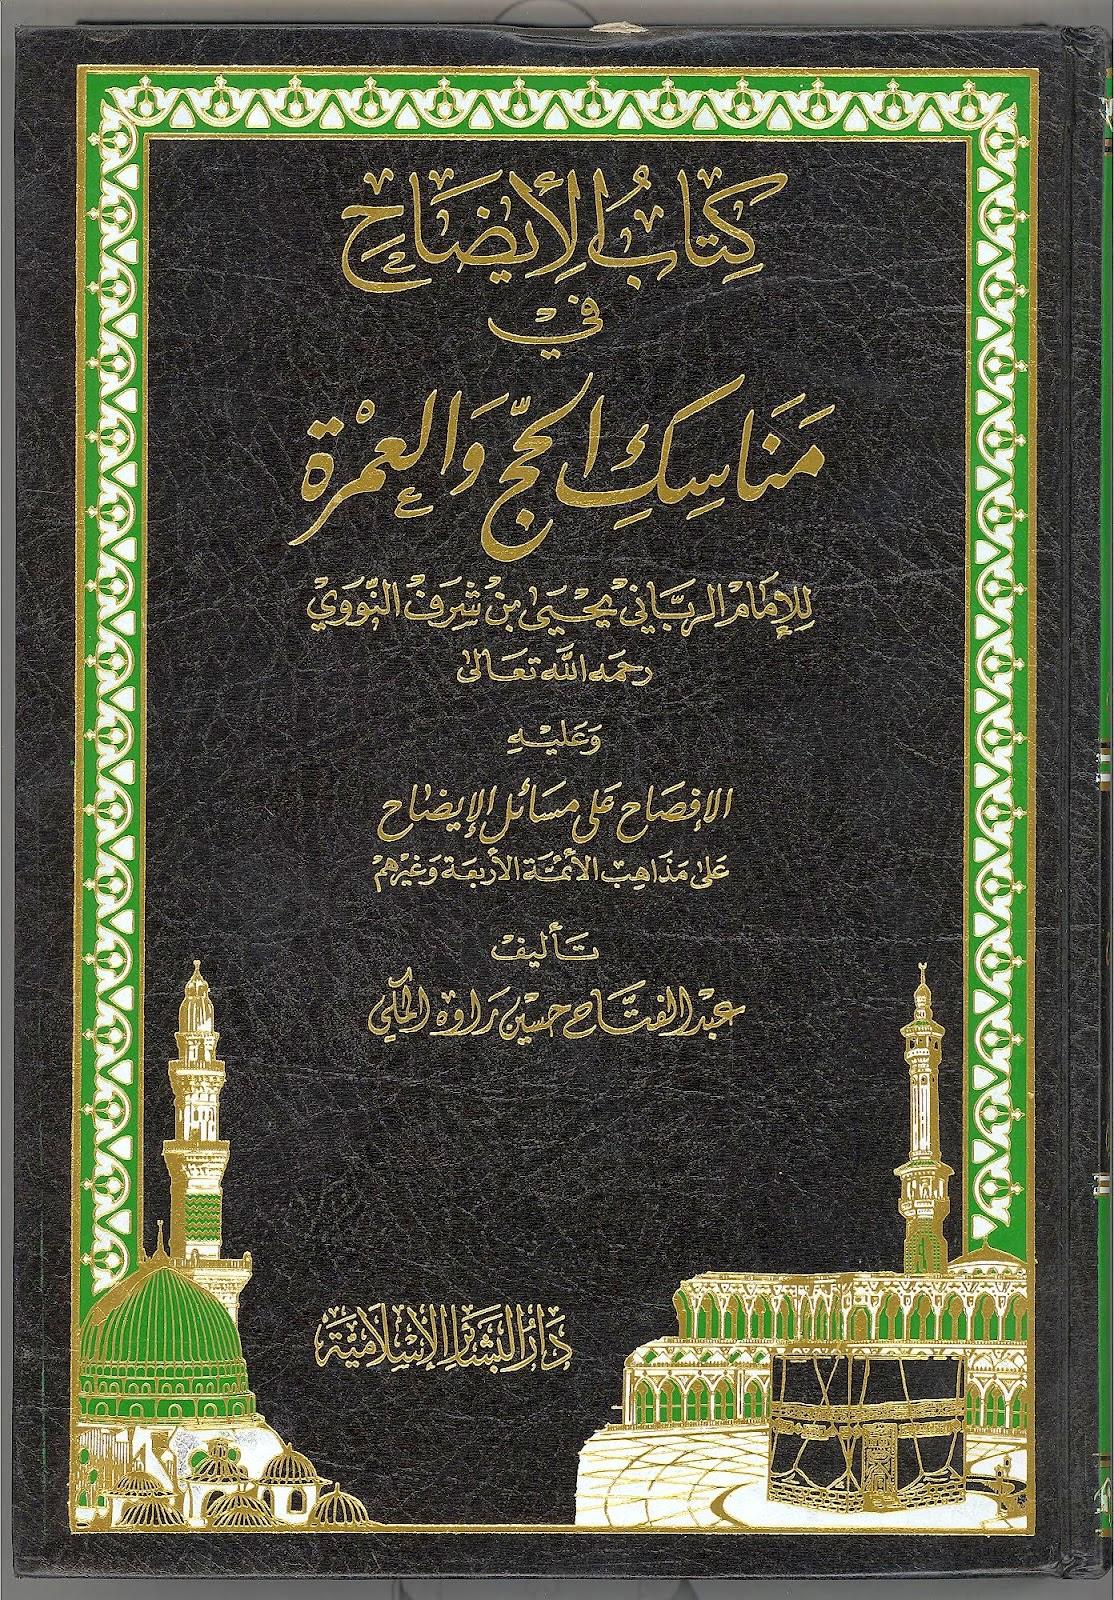 كتاب الإيضاح في مناسك الحج والعمرة للإمام النووي